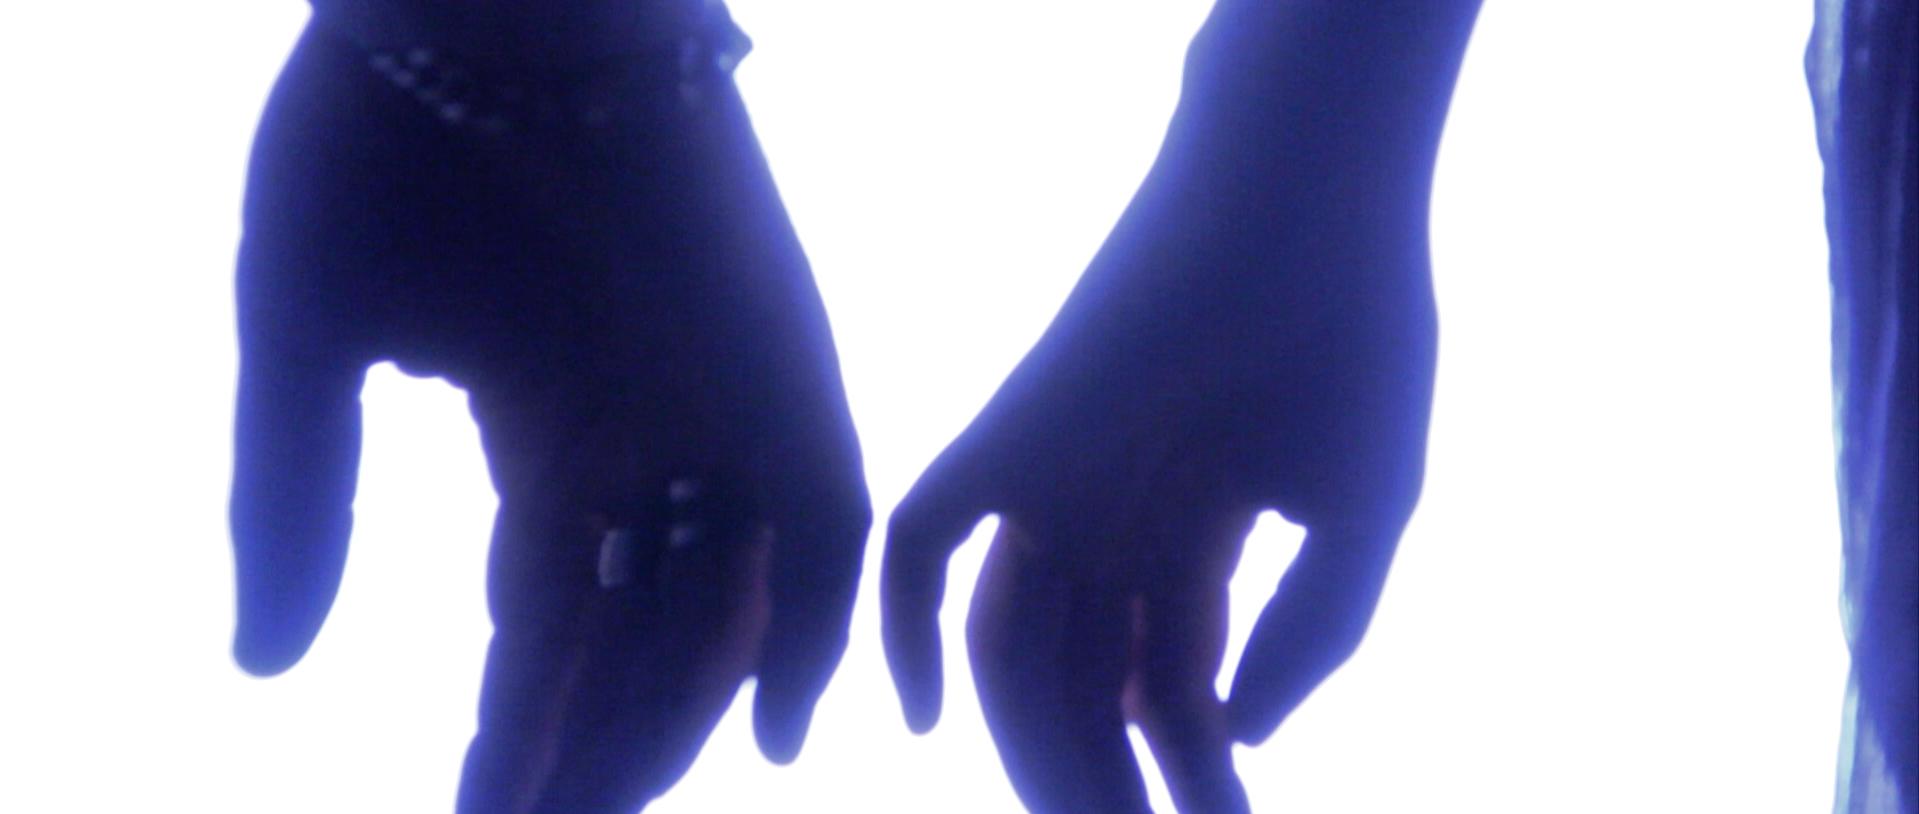 Still from short film NOT FADE AWAY